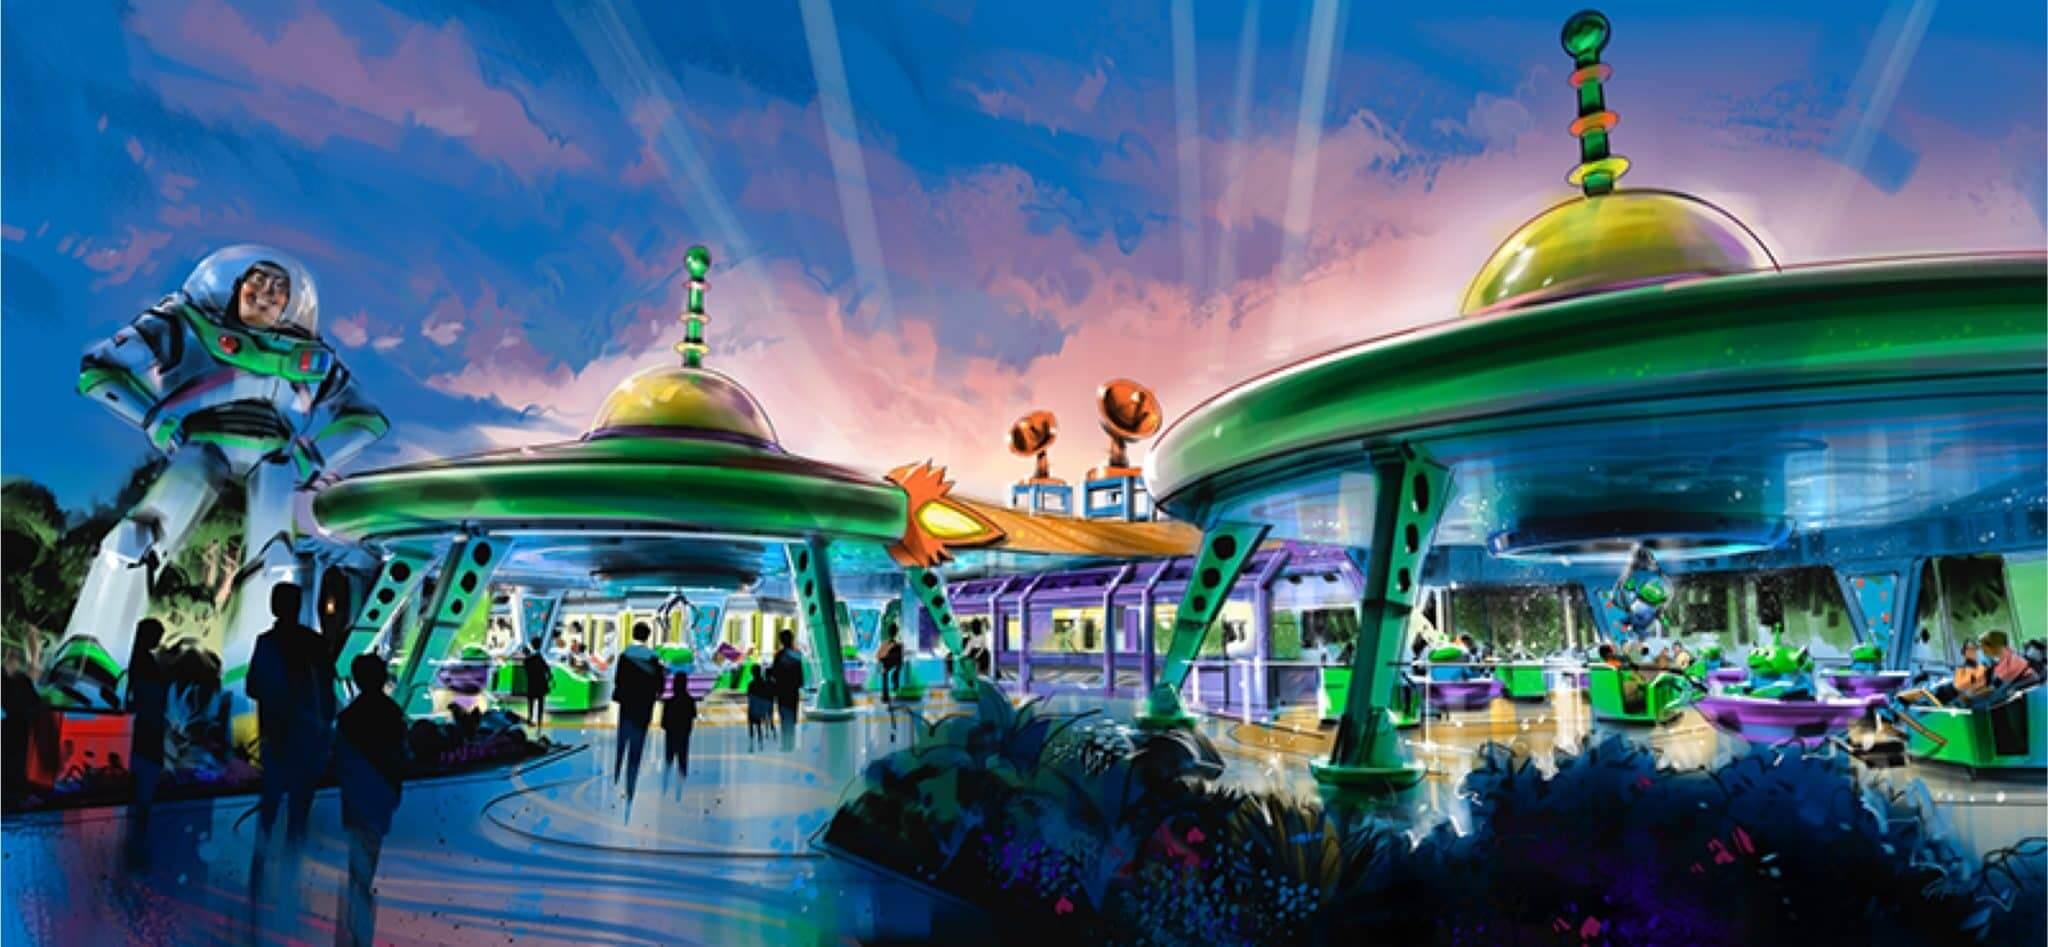 Novidades na Disney e Orlando em 2018: Toy Story Land no Disney Hollywood Studios